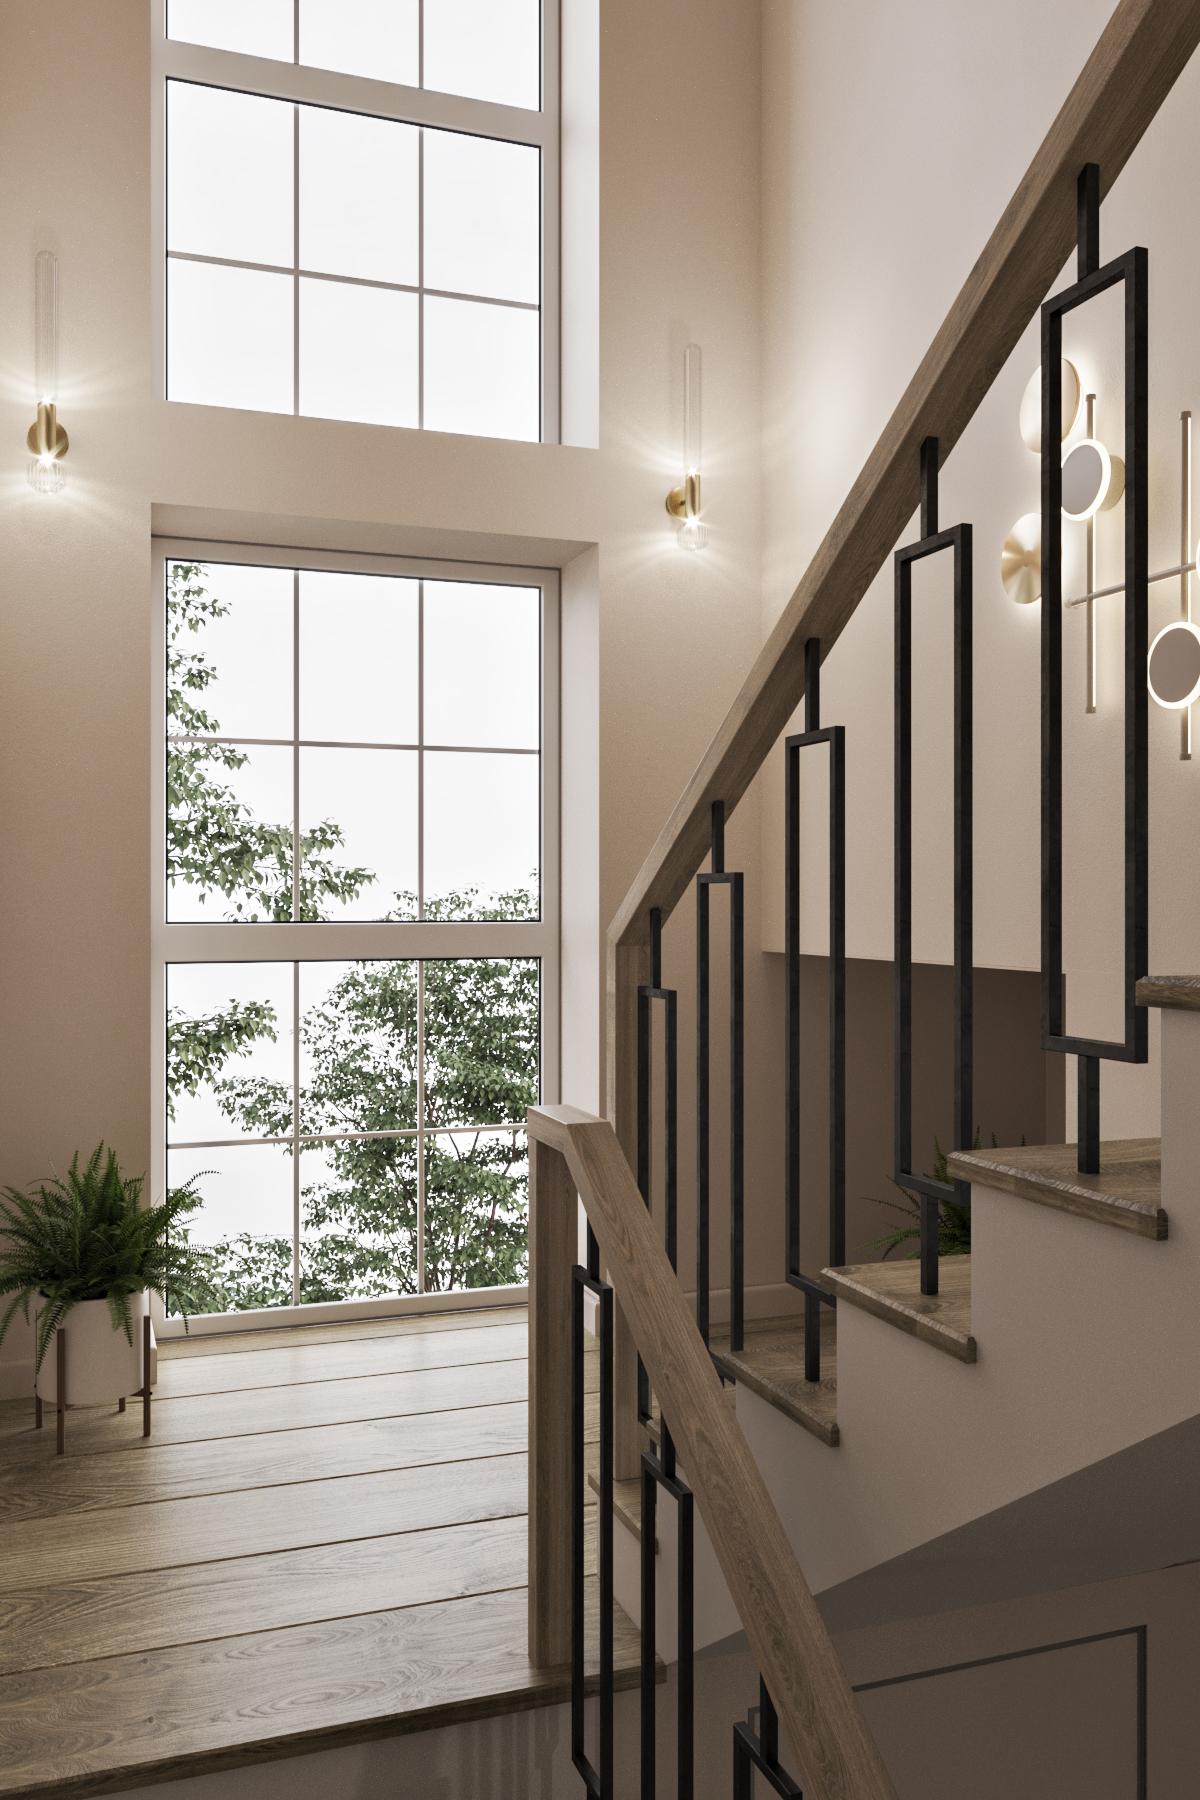 vladimirskaya_obl_stairs_2_floor_21.06.2020_01